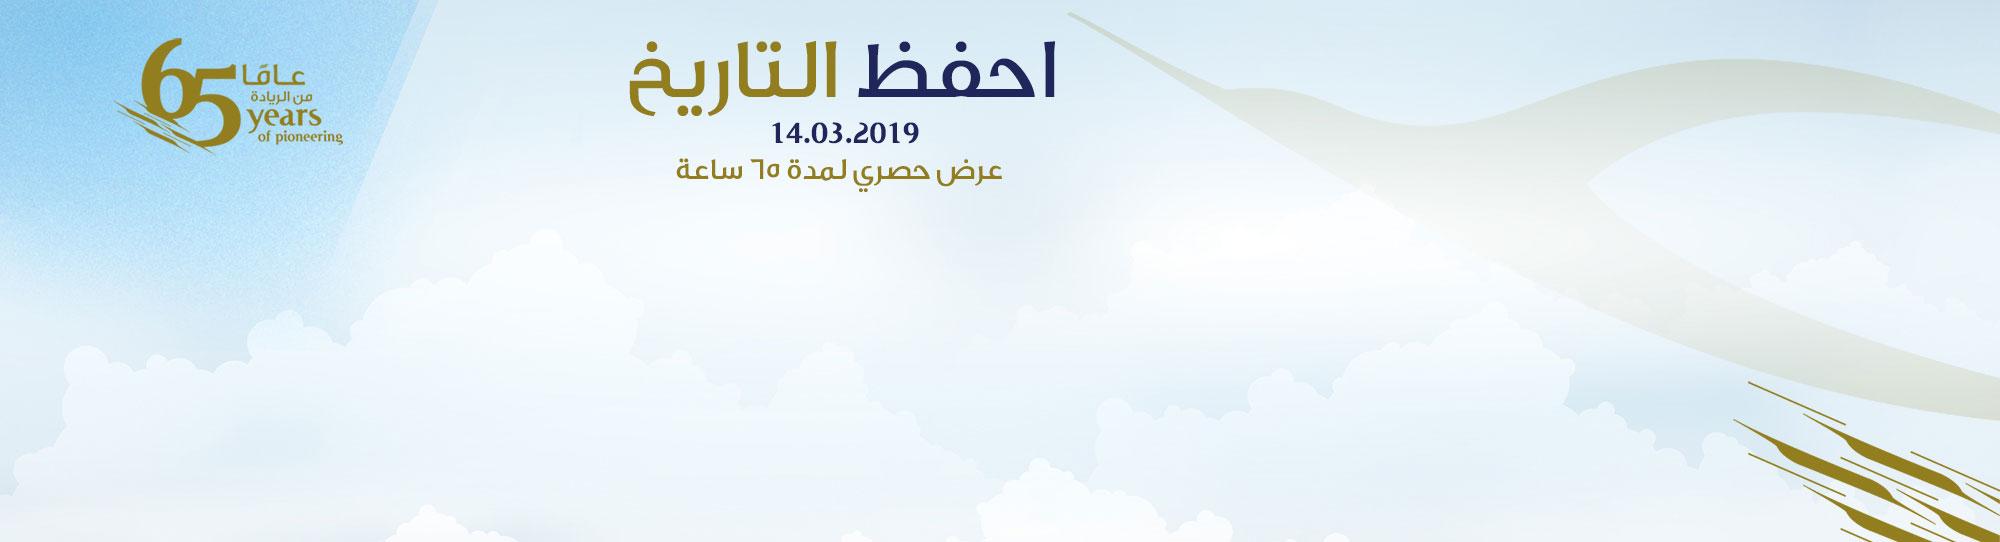 Kuwait Airways - Official Site